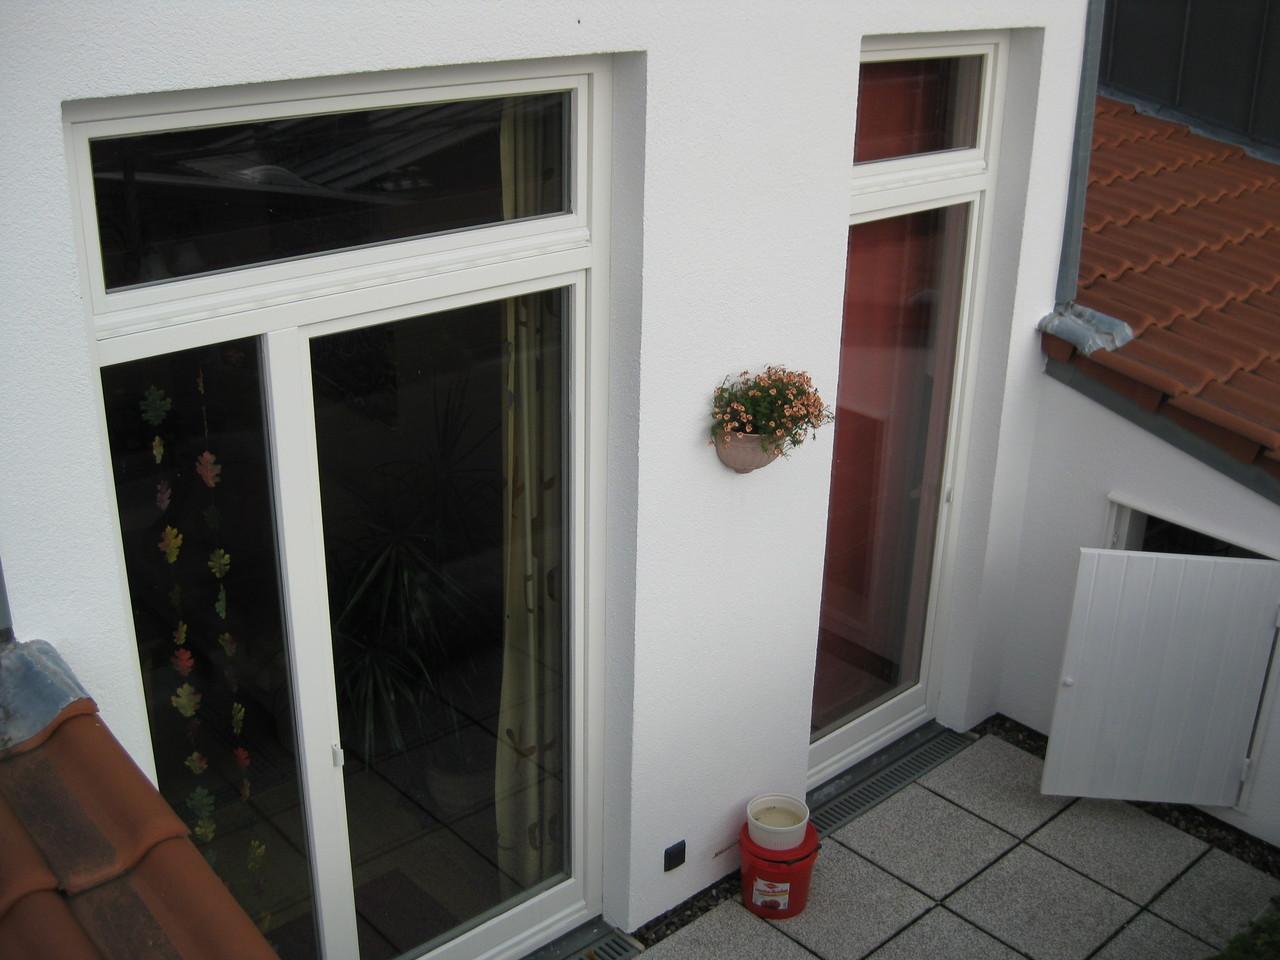 Wohnblock, Lackierung der Fenster und Holztüren/Balkon 2